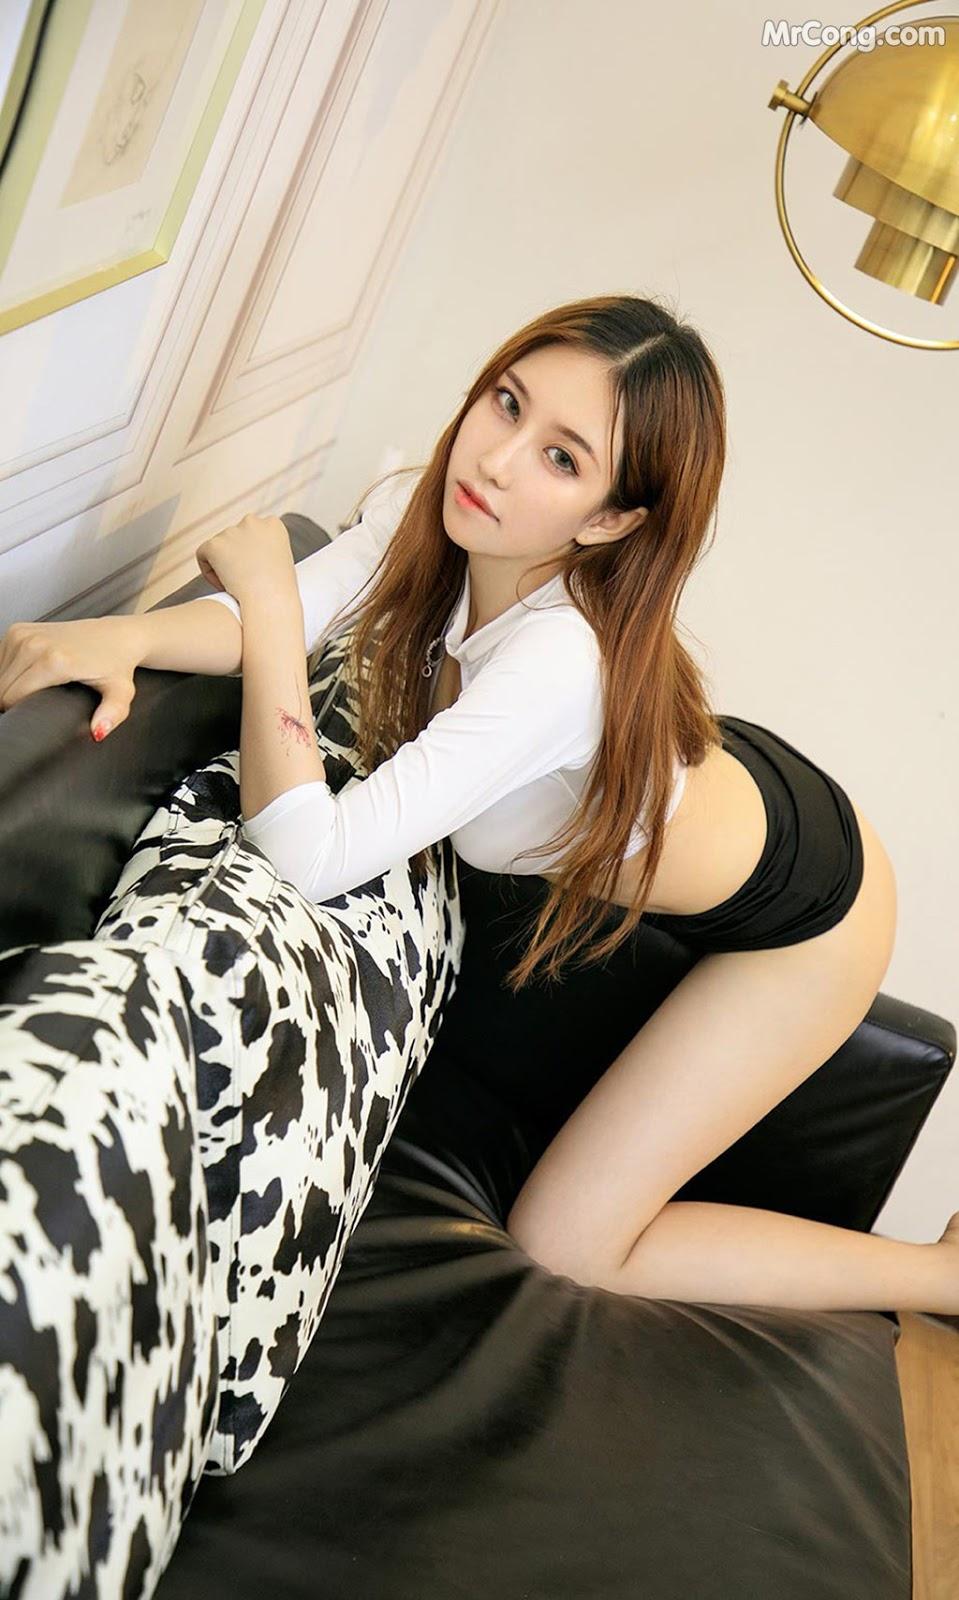 Image UGIRLS-Ai-You-Wu-App-No.1609-Yue-Yin-Tong-MrCong.com-009 in post UGIRLS – Ai You Wu App No.1609: Yue Yin Tong (月音瞳) (35 ảnh)